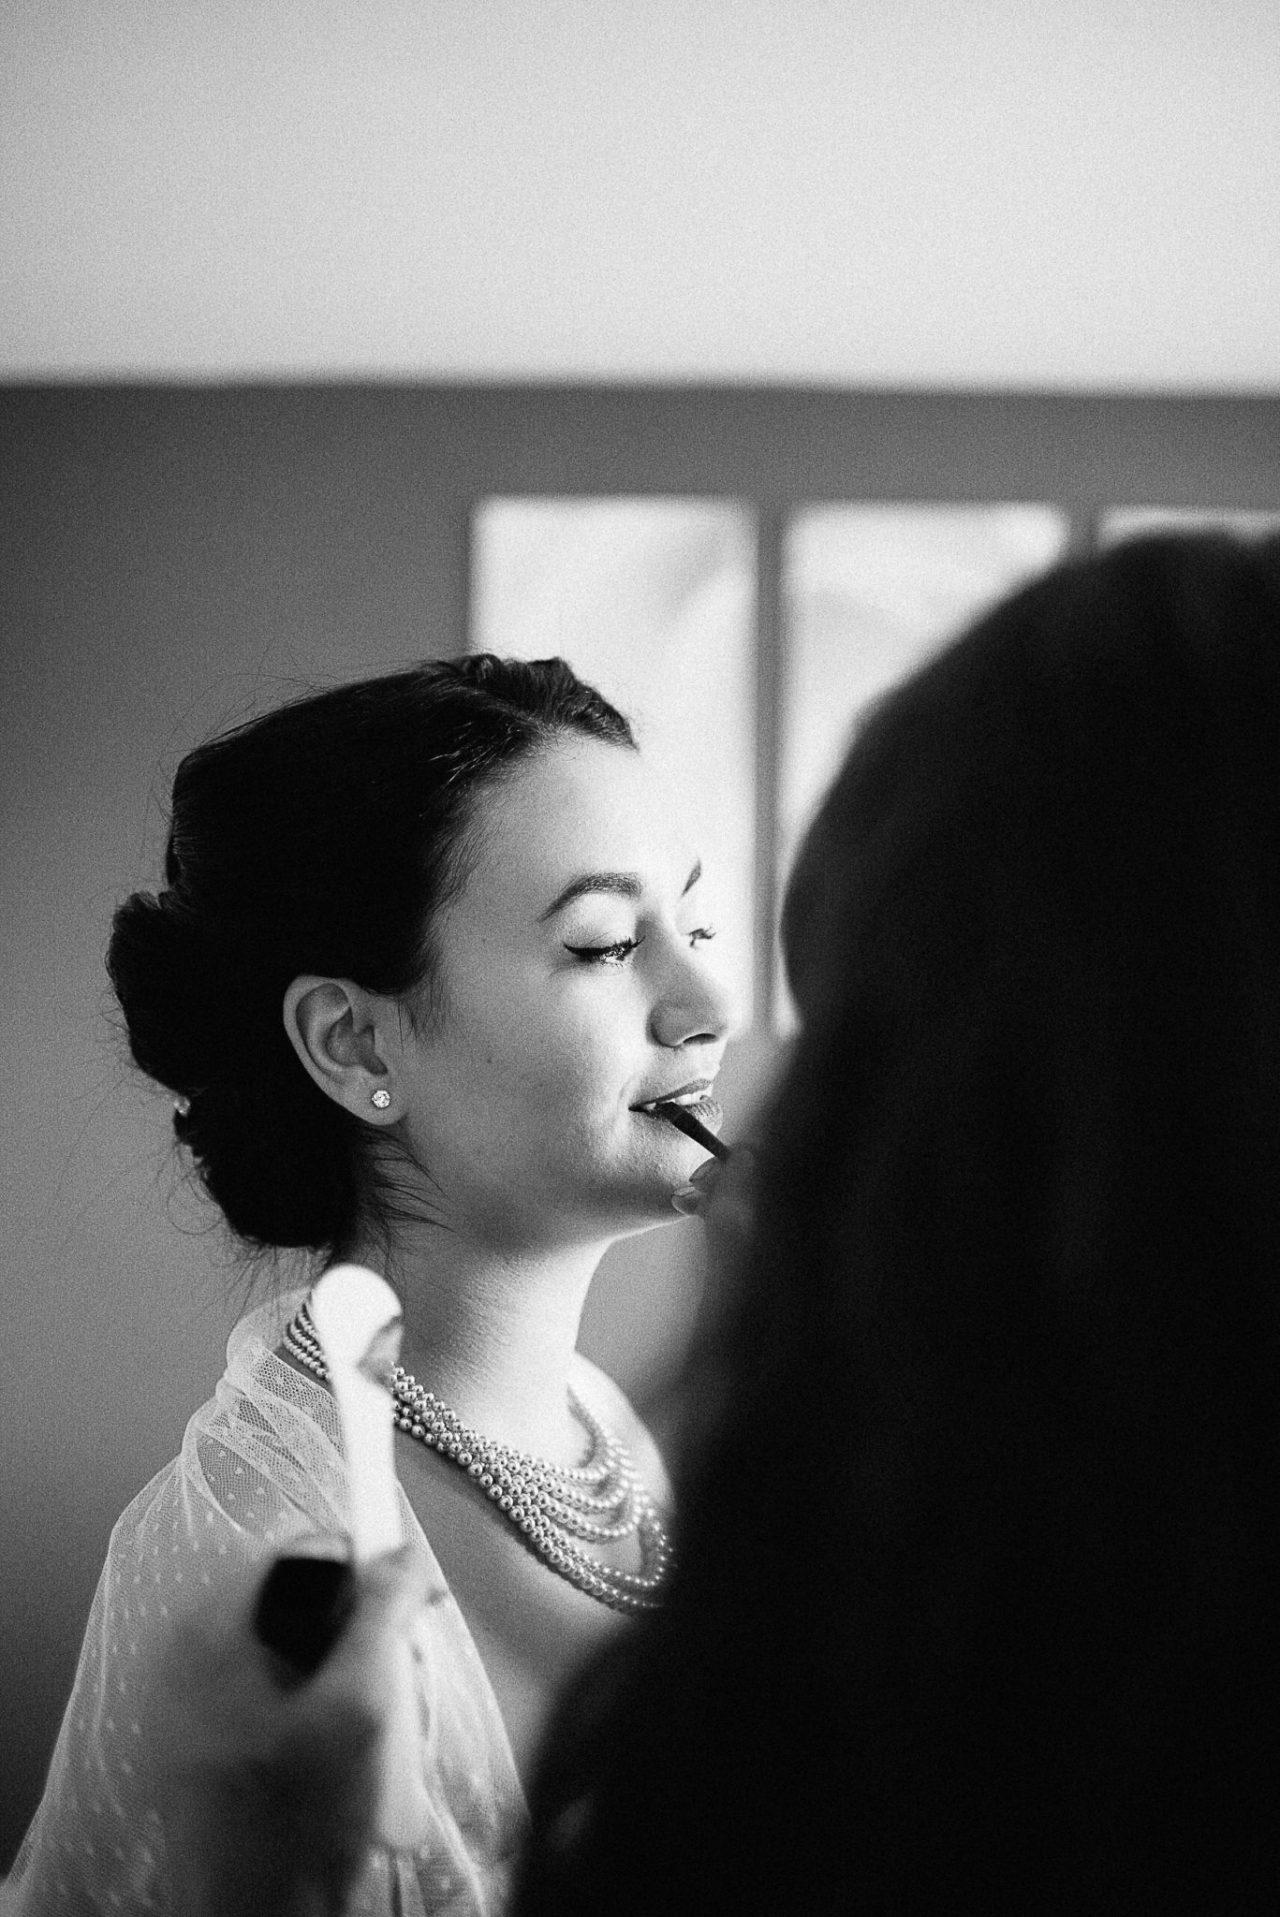 Dernière retouche de maquillage avant de découvrir son futur mari